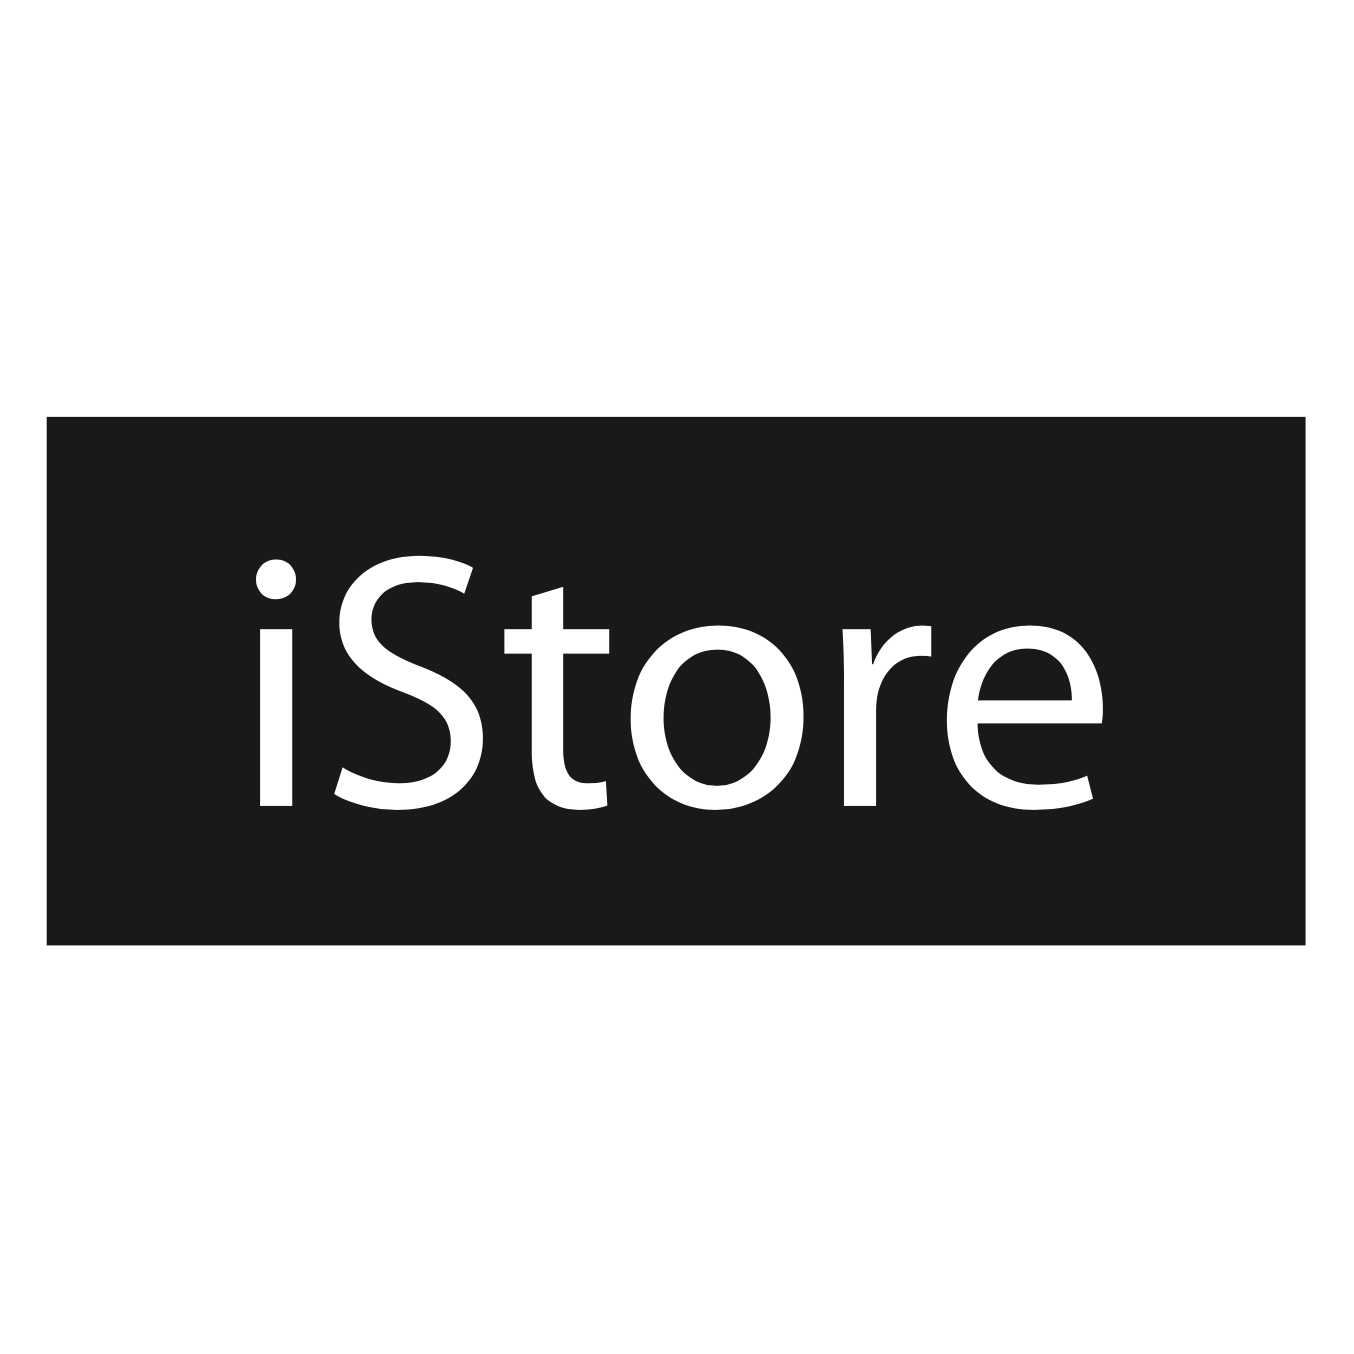 iPhone Xs 64GB - Silver